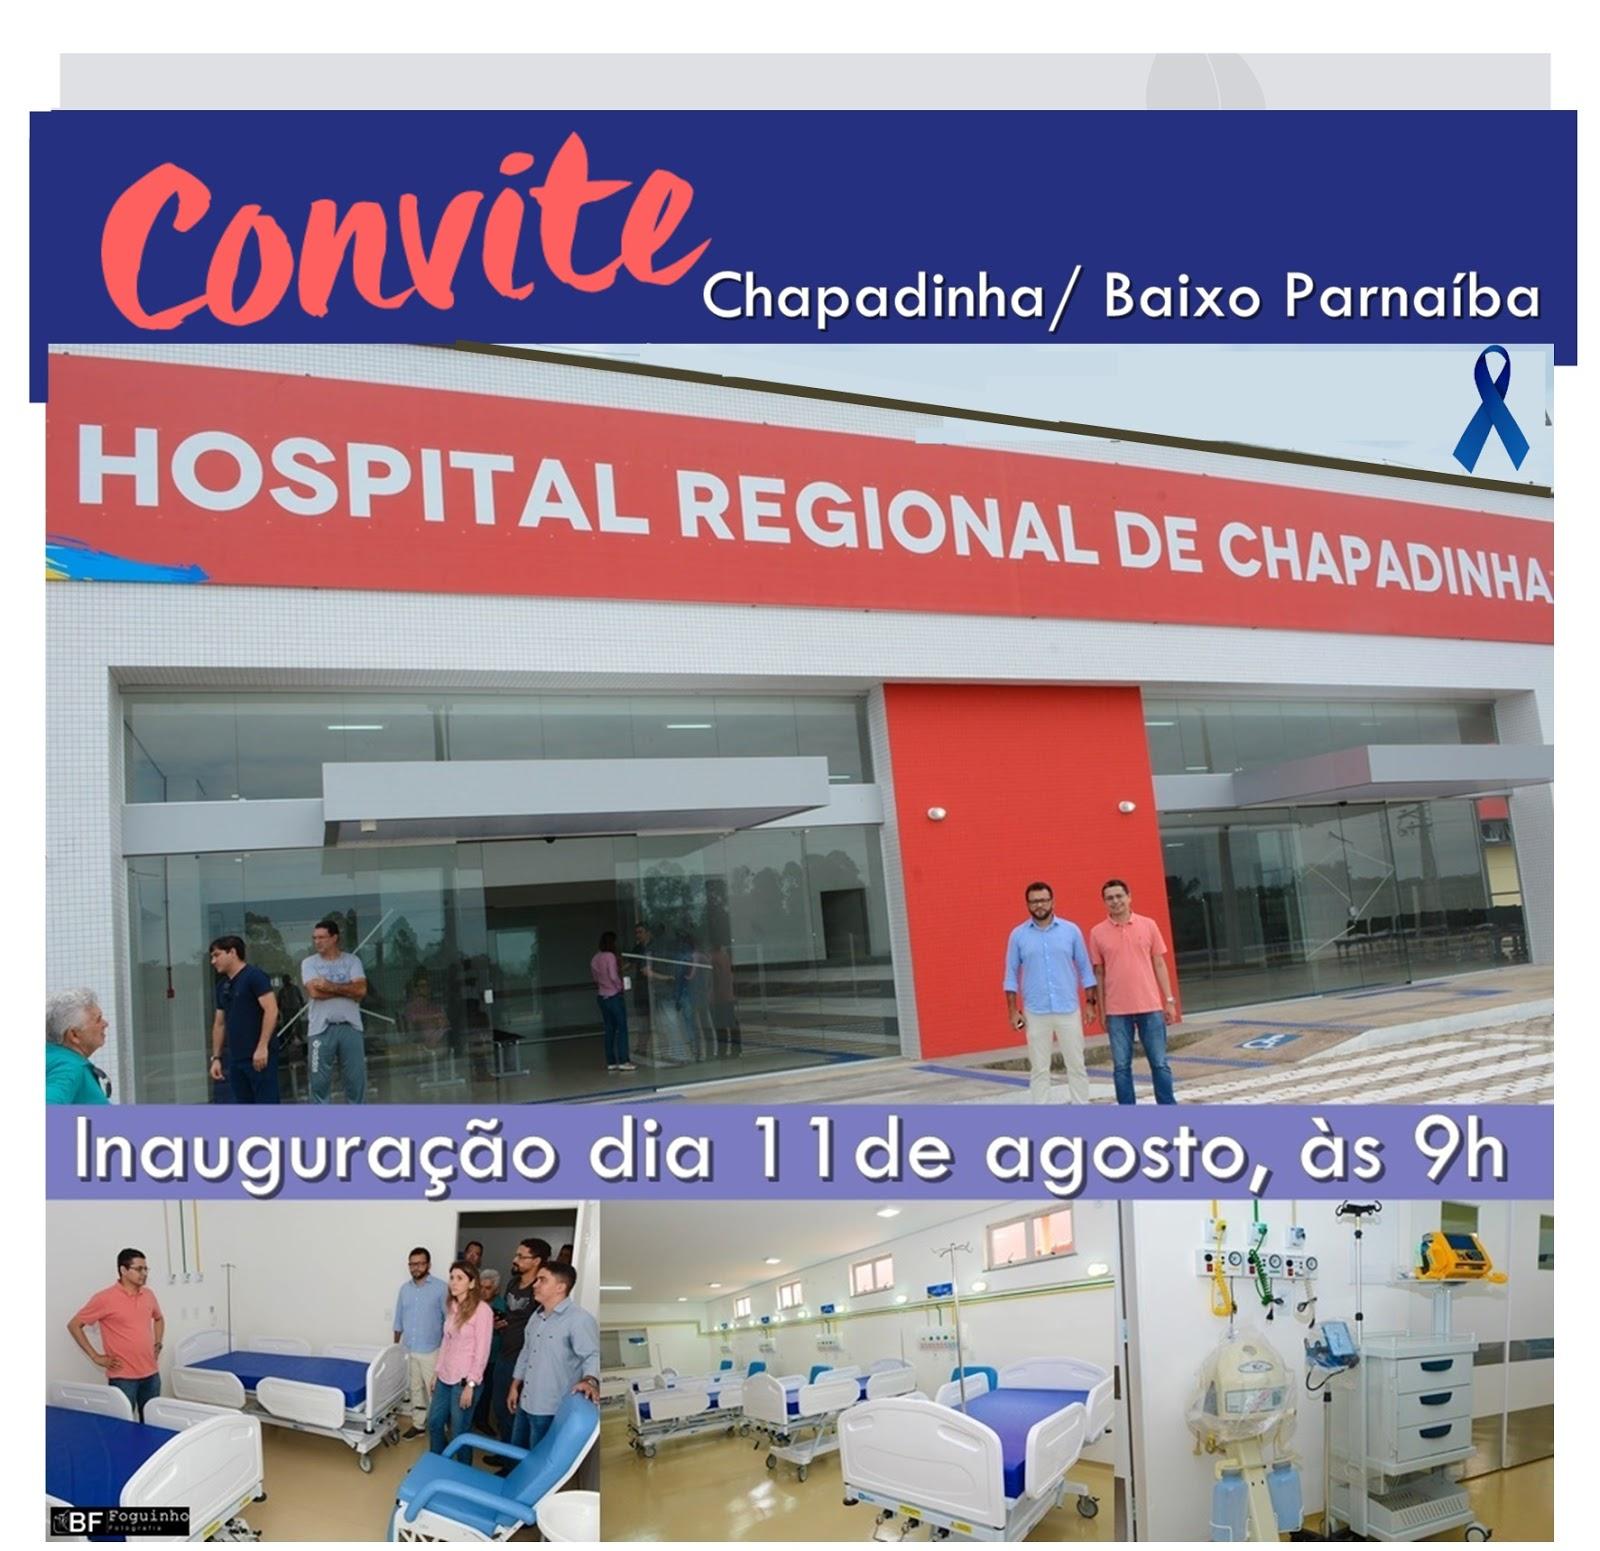 Convite: Hospital Regional de Chapadinha será inaugurado neste sábado, dia 11.